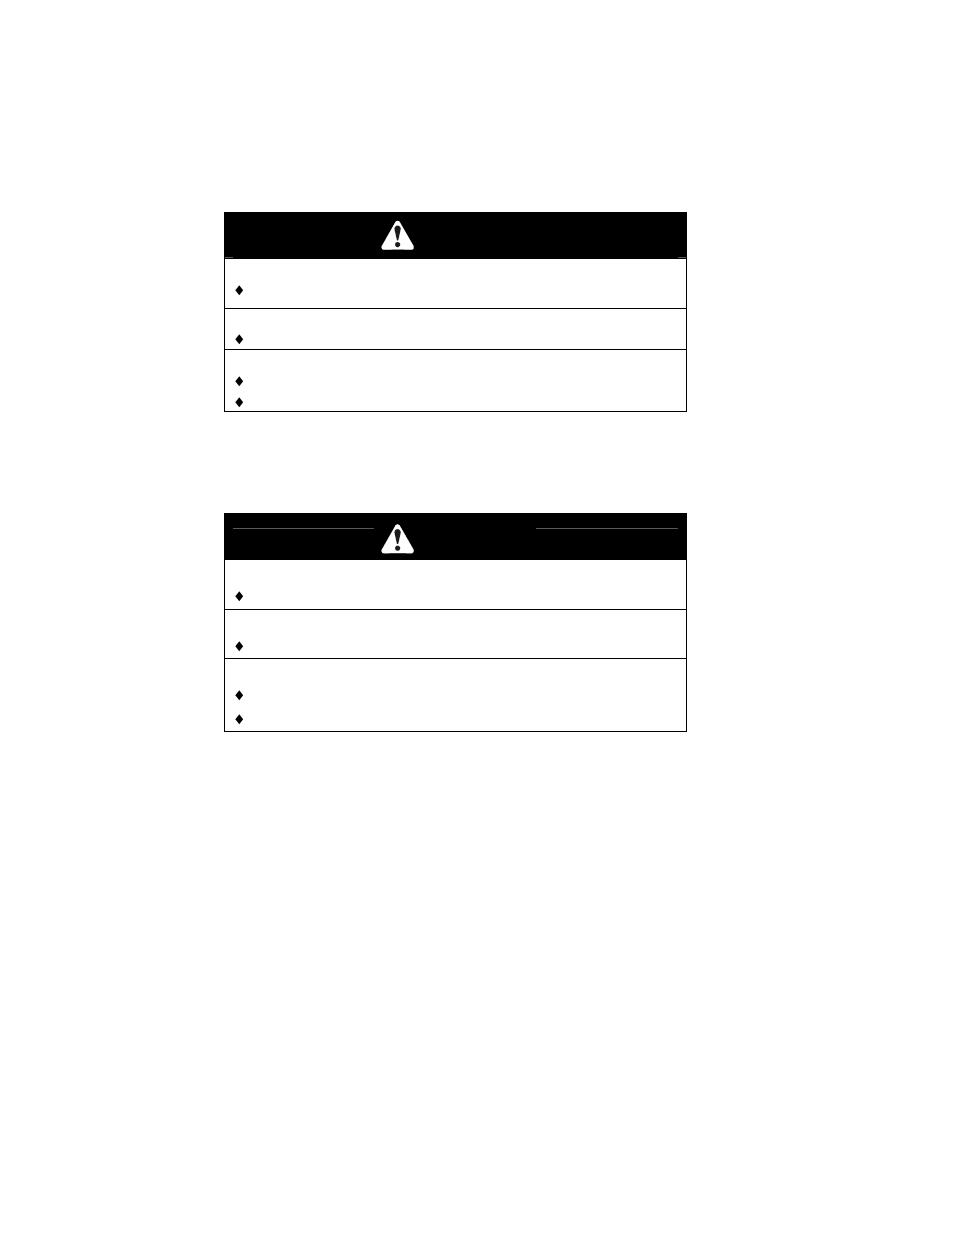 lazer z xp manual online user manual u2022 rh pandadigital co exmark lazer z engine manual exmark engine owners manual